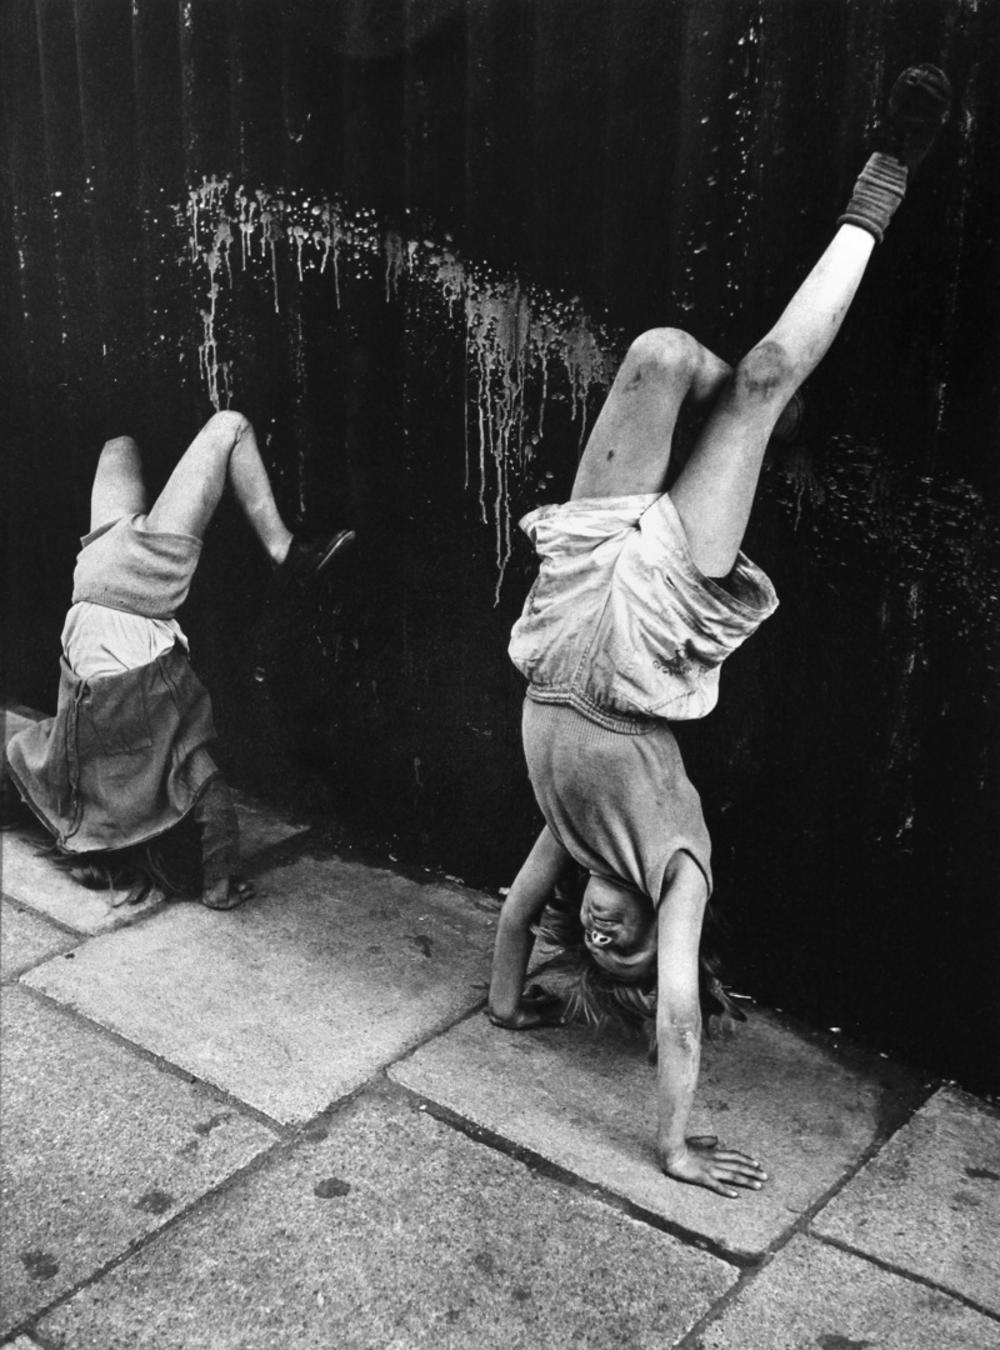 1956. Девочки делают стойку на руках. Соутхэм стрит,Лондон